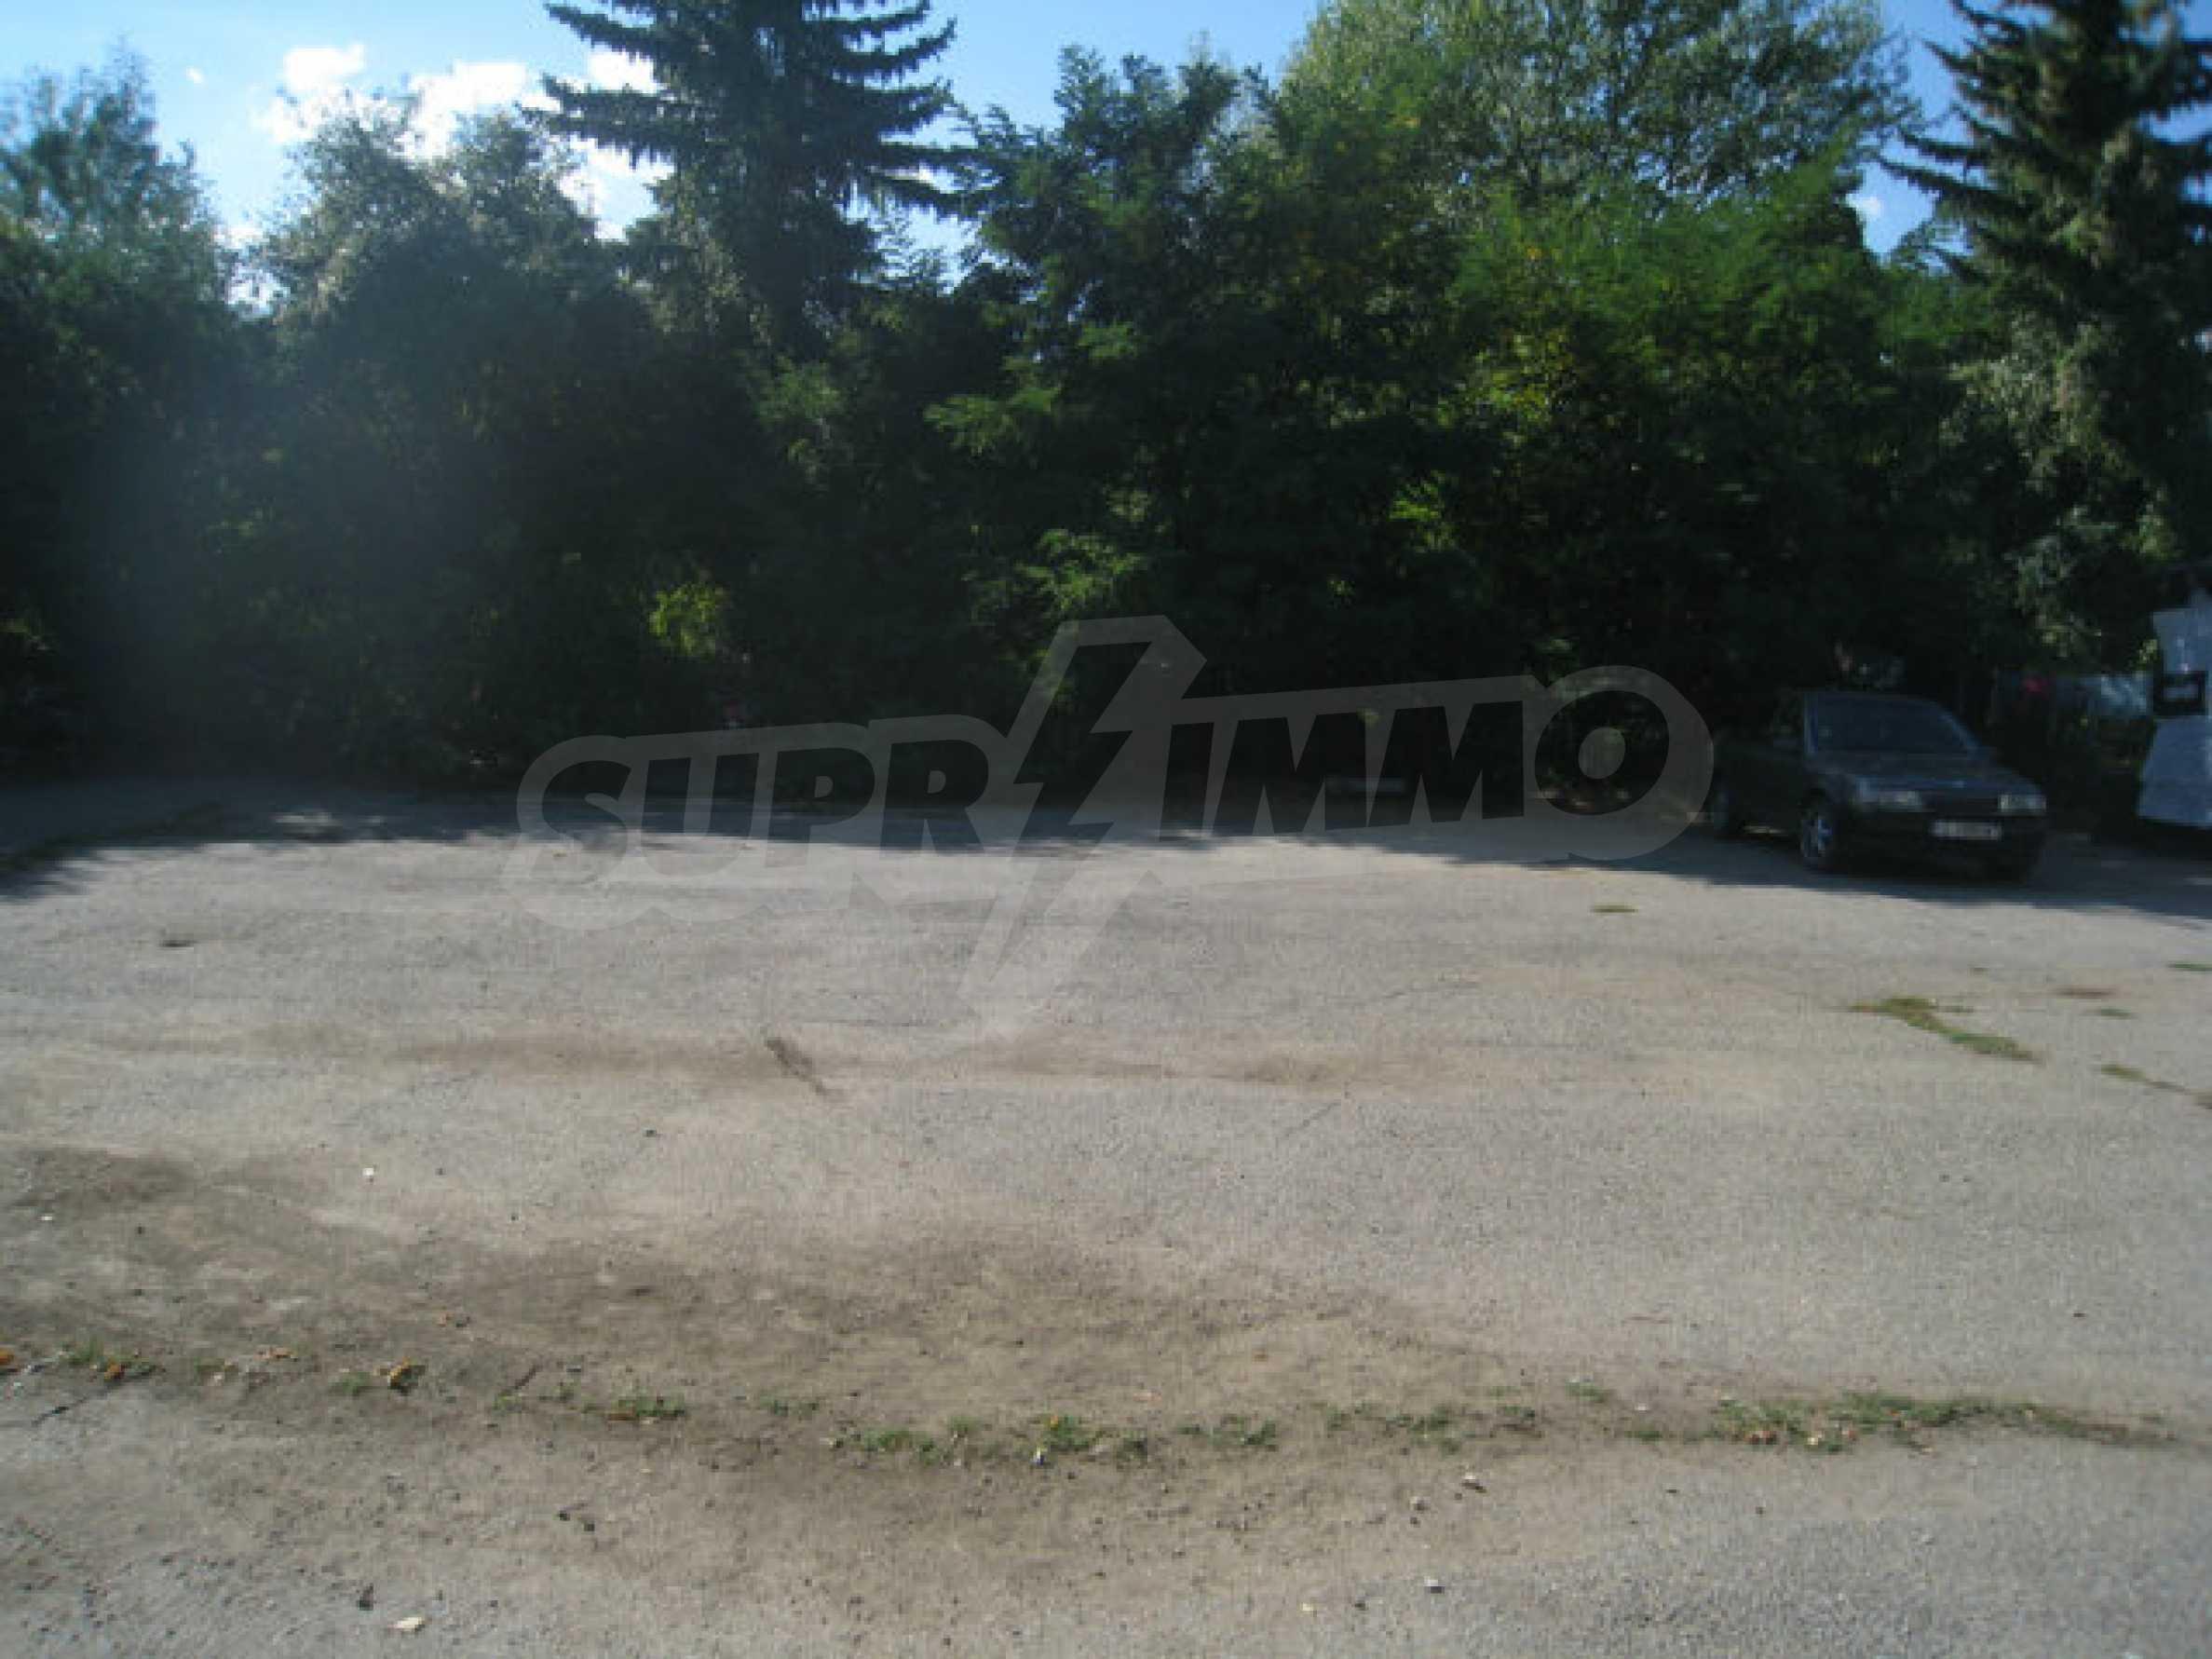 Großes reguliertes Grundstück für den Bau eines Privatgrundstücks in der Nähe von Sofia